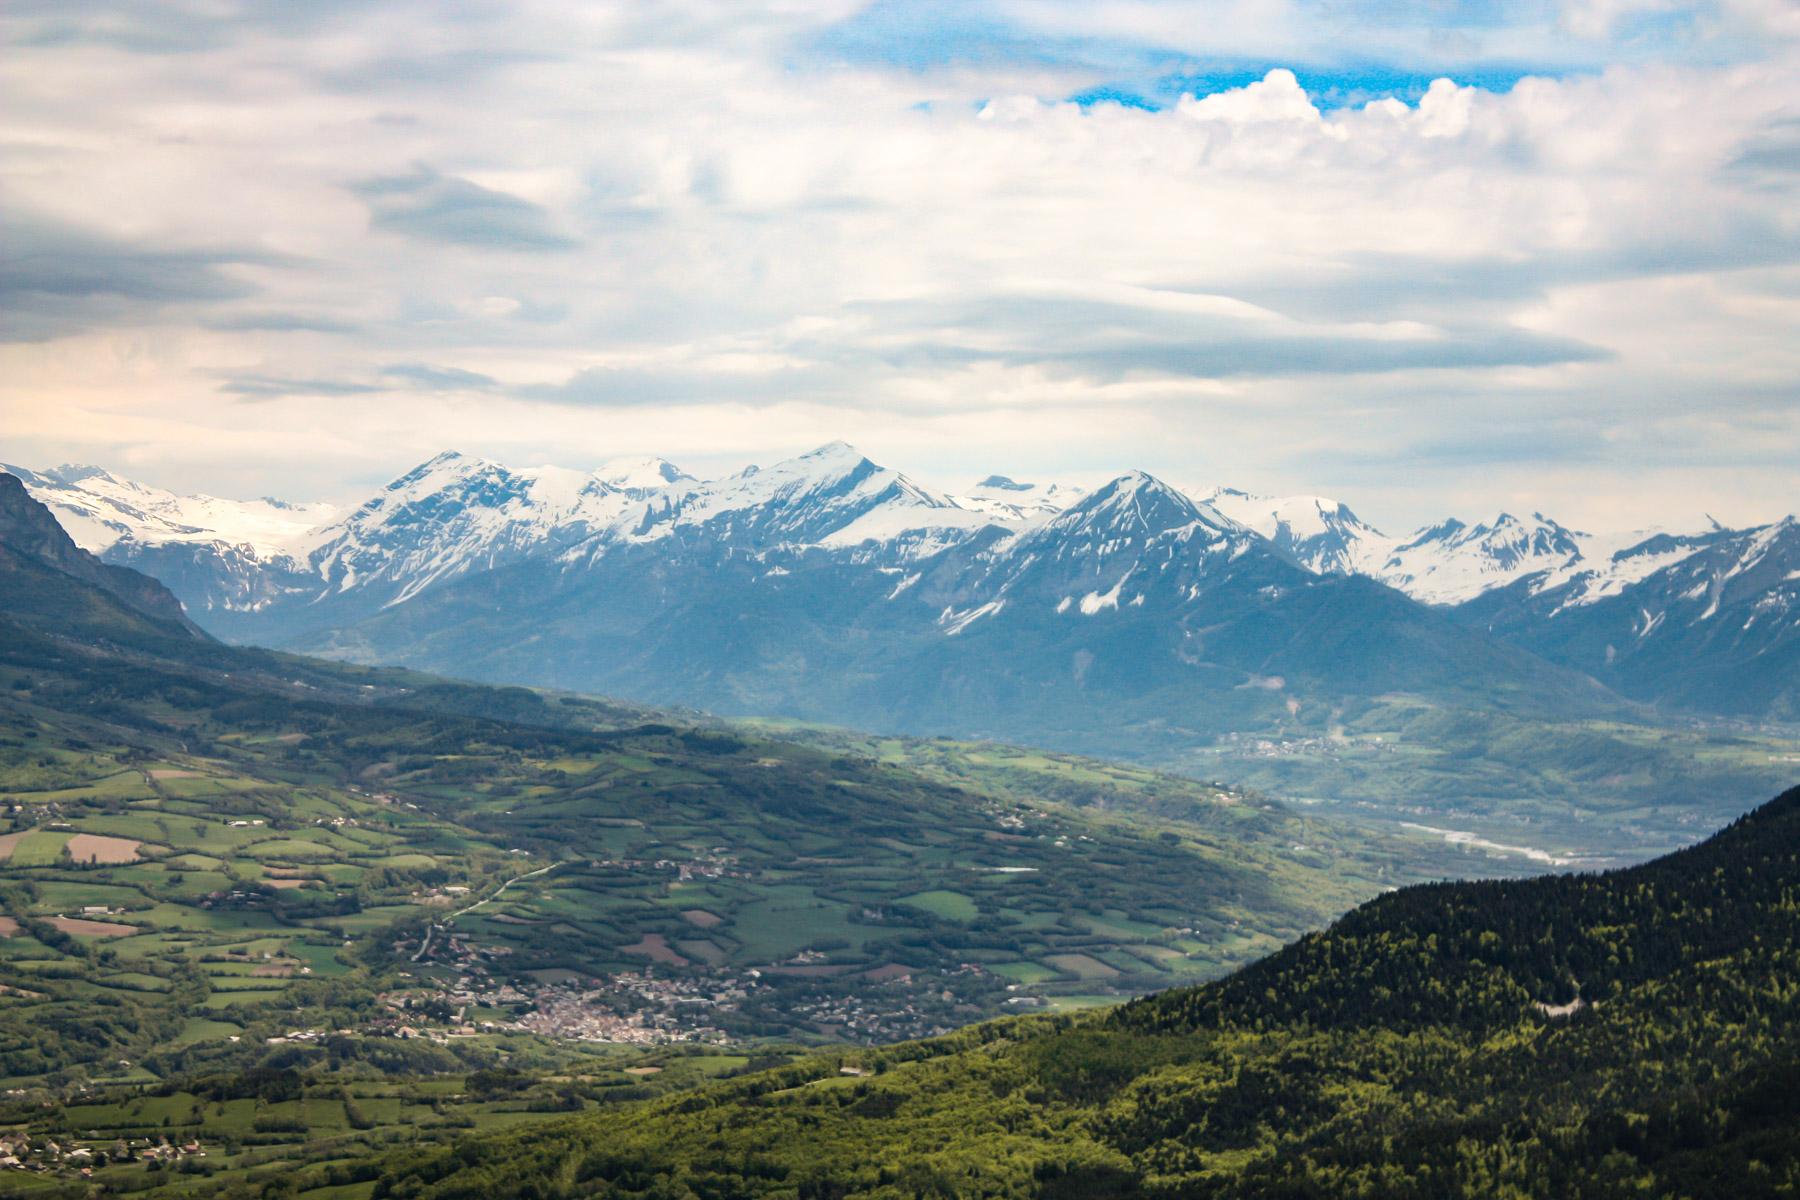 Uitzicht over het landschap van de Route Napoléon net boven Gap, met het bergmassief van de Écrins.